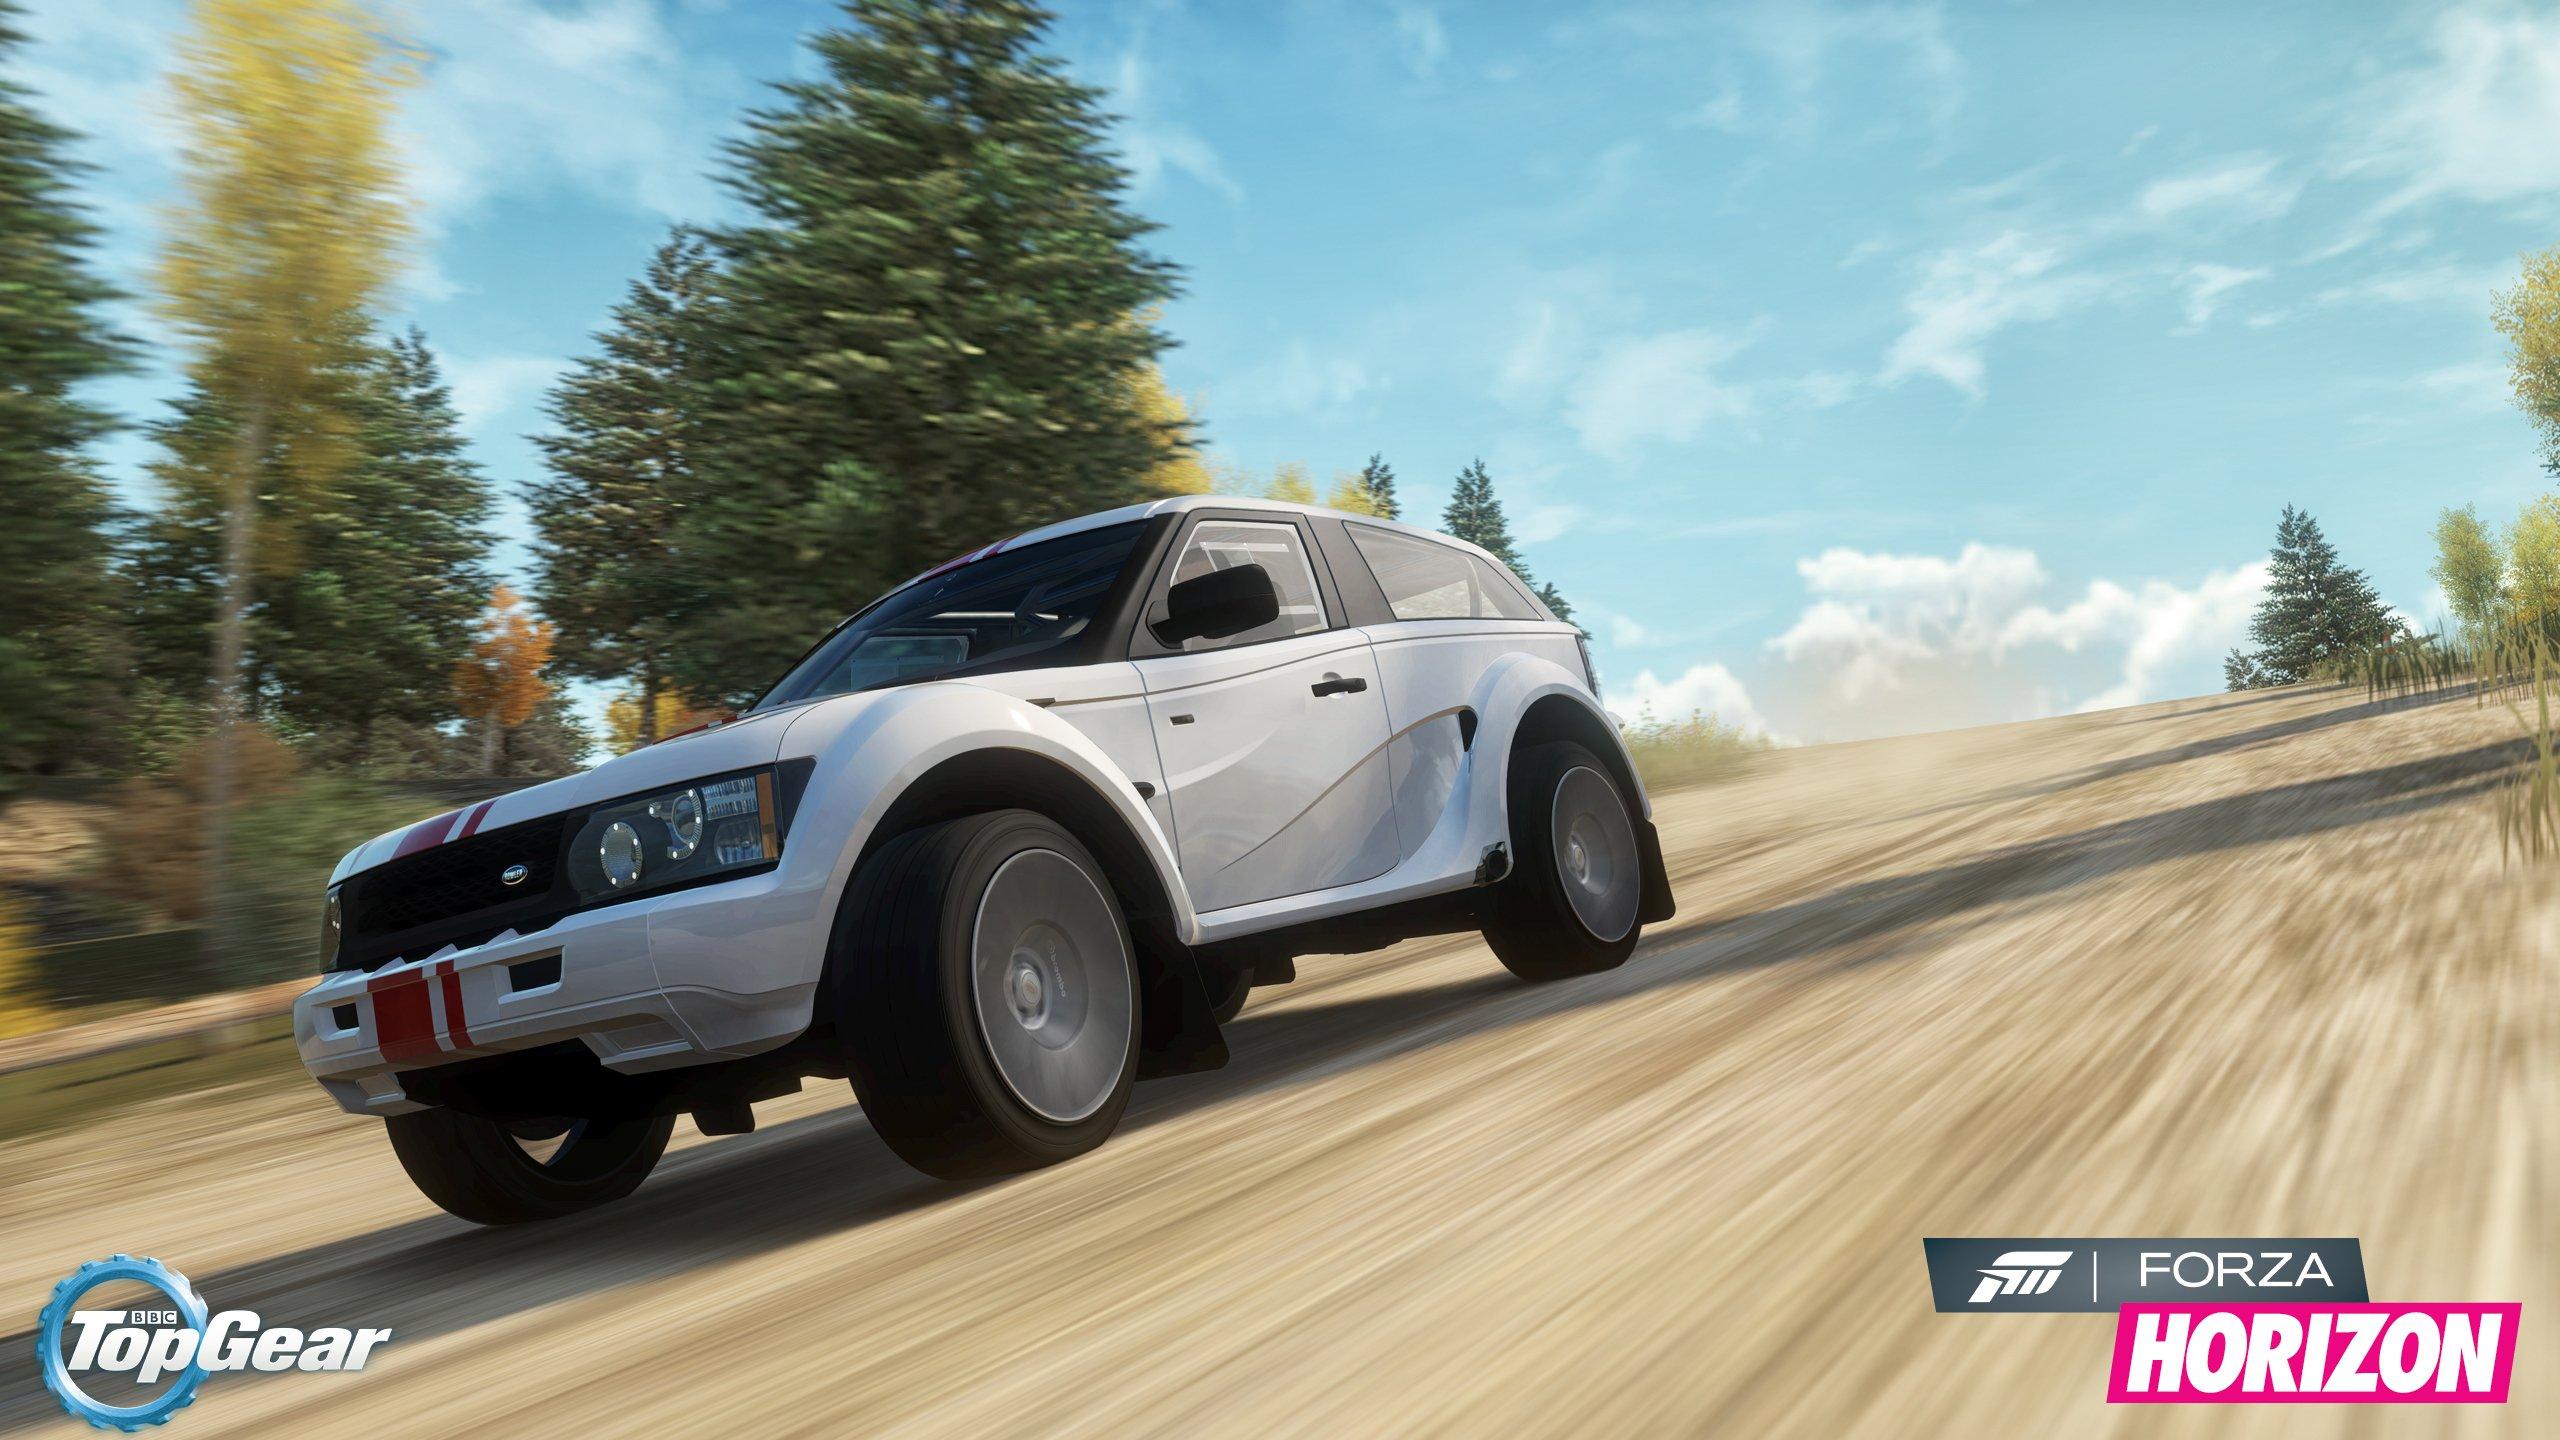 Forza Horizon  Car Pack April